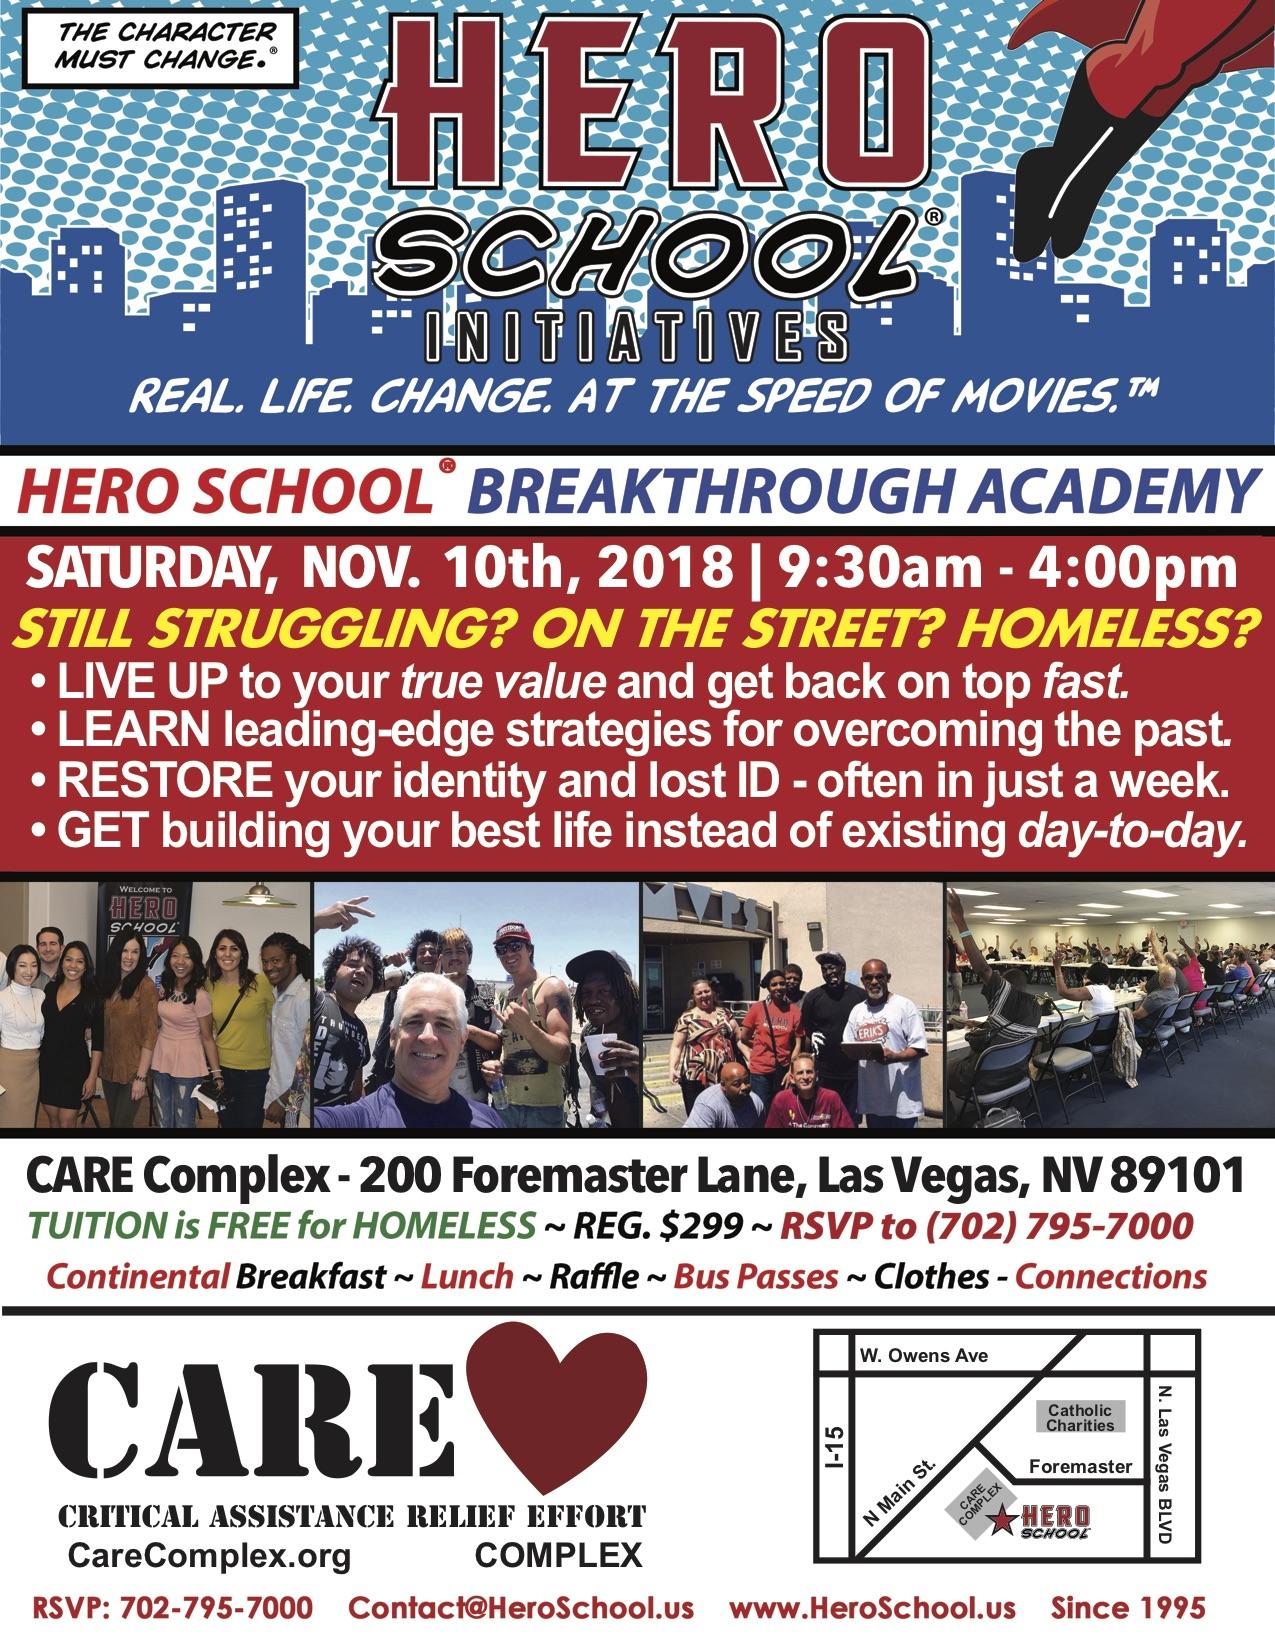 Hero School Breakthrough Academy